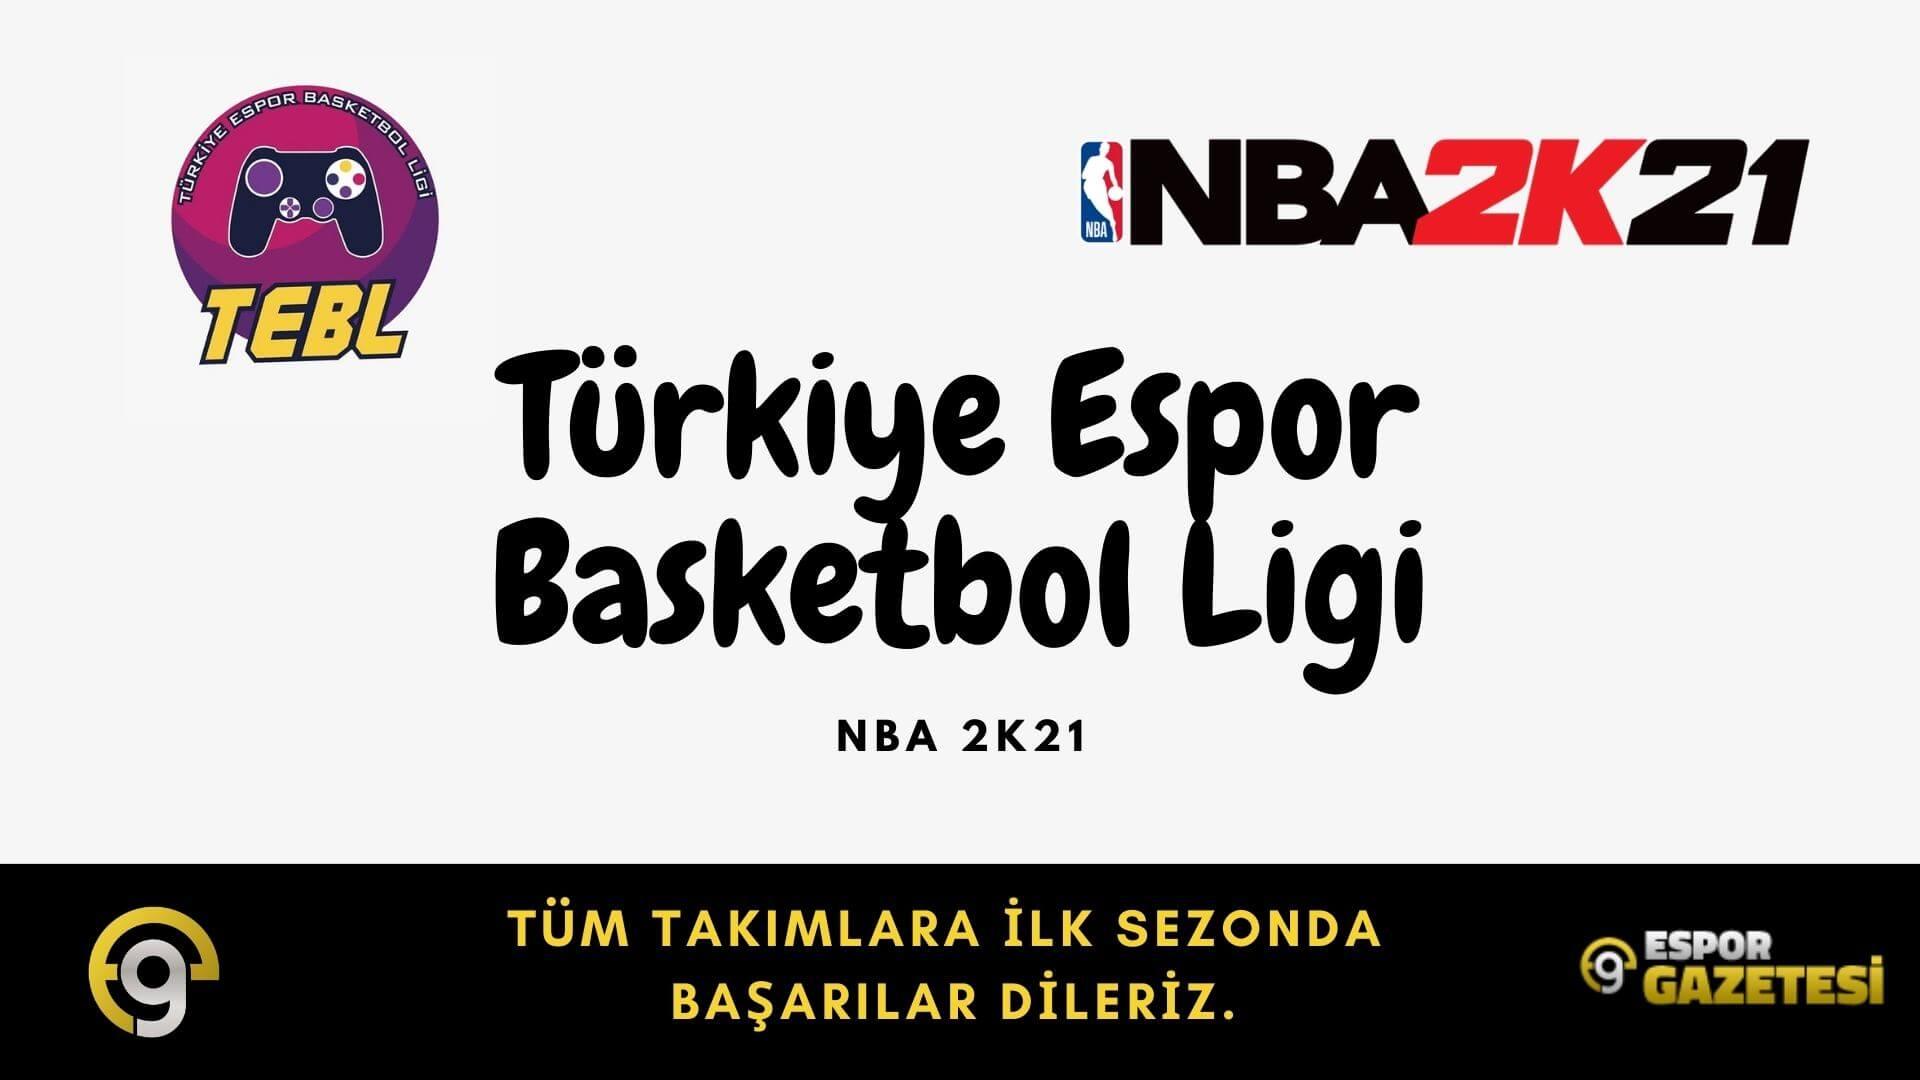 Türkiye Espor Basketbol Ligi